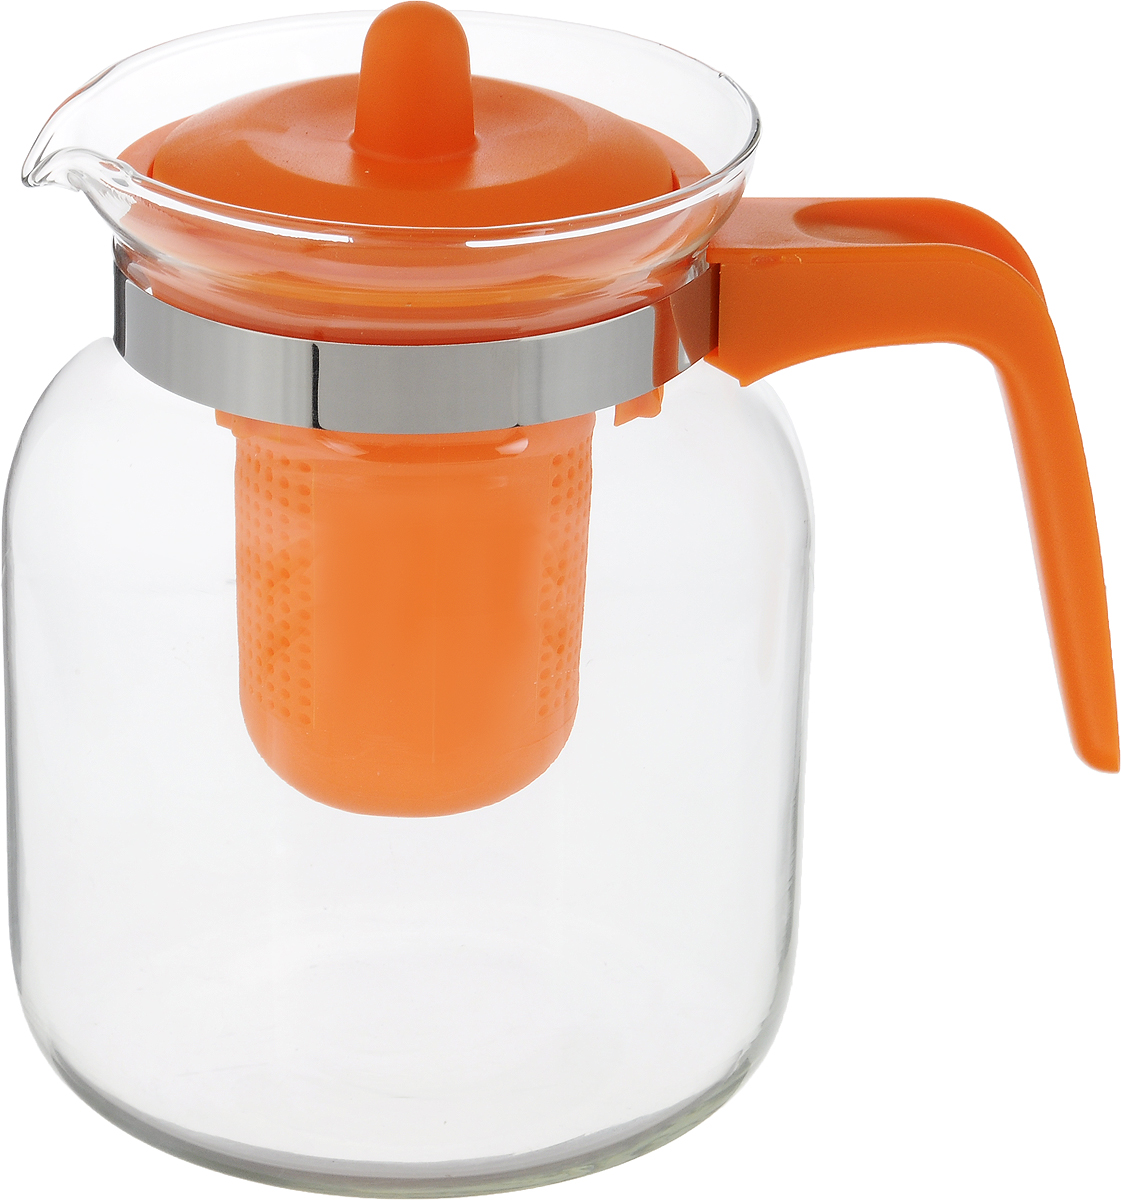 Чайник-кувшин Menu Чабрец, с фильтром, цвет: прозрачный, оранжевый, 1,45 лCHZ-14_оранжевыйЧайник-кувшин Menu Чабрец изготовлен из прочного стекла, которое выдерживает температуру до 100°C. Он прекрасно подойдет для заваривания чая и травяных настоев.Классический стиль и оптимальный объем делают чайник удобным и оригинальным аксессуаром, который прекрасно подойдет для ежедневного использования. Ручка изделия выполнена из пищевого пластика, она не нагревается и обеспечивает безопасность использования. Благодаря съемному ситечку и оптимальной форме колбы, чайник-кувшин Menu Чабрец идеально подходит для использования его в качестве кувшина для воды и прохладительных напитков.Диаметр чайника по верхнему краю: 10,3 см.Общий диаметр чайника: 11 см.Высота чайника (без учета ручки и крышки): 15,6 см.Высота чайника (с учетом ручки и крышки): 17 см.